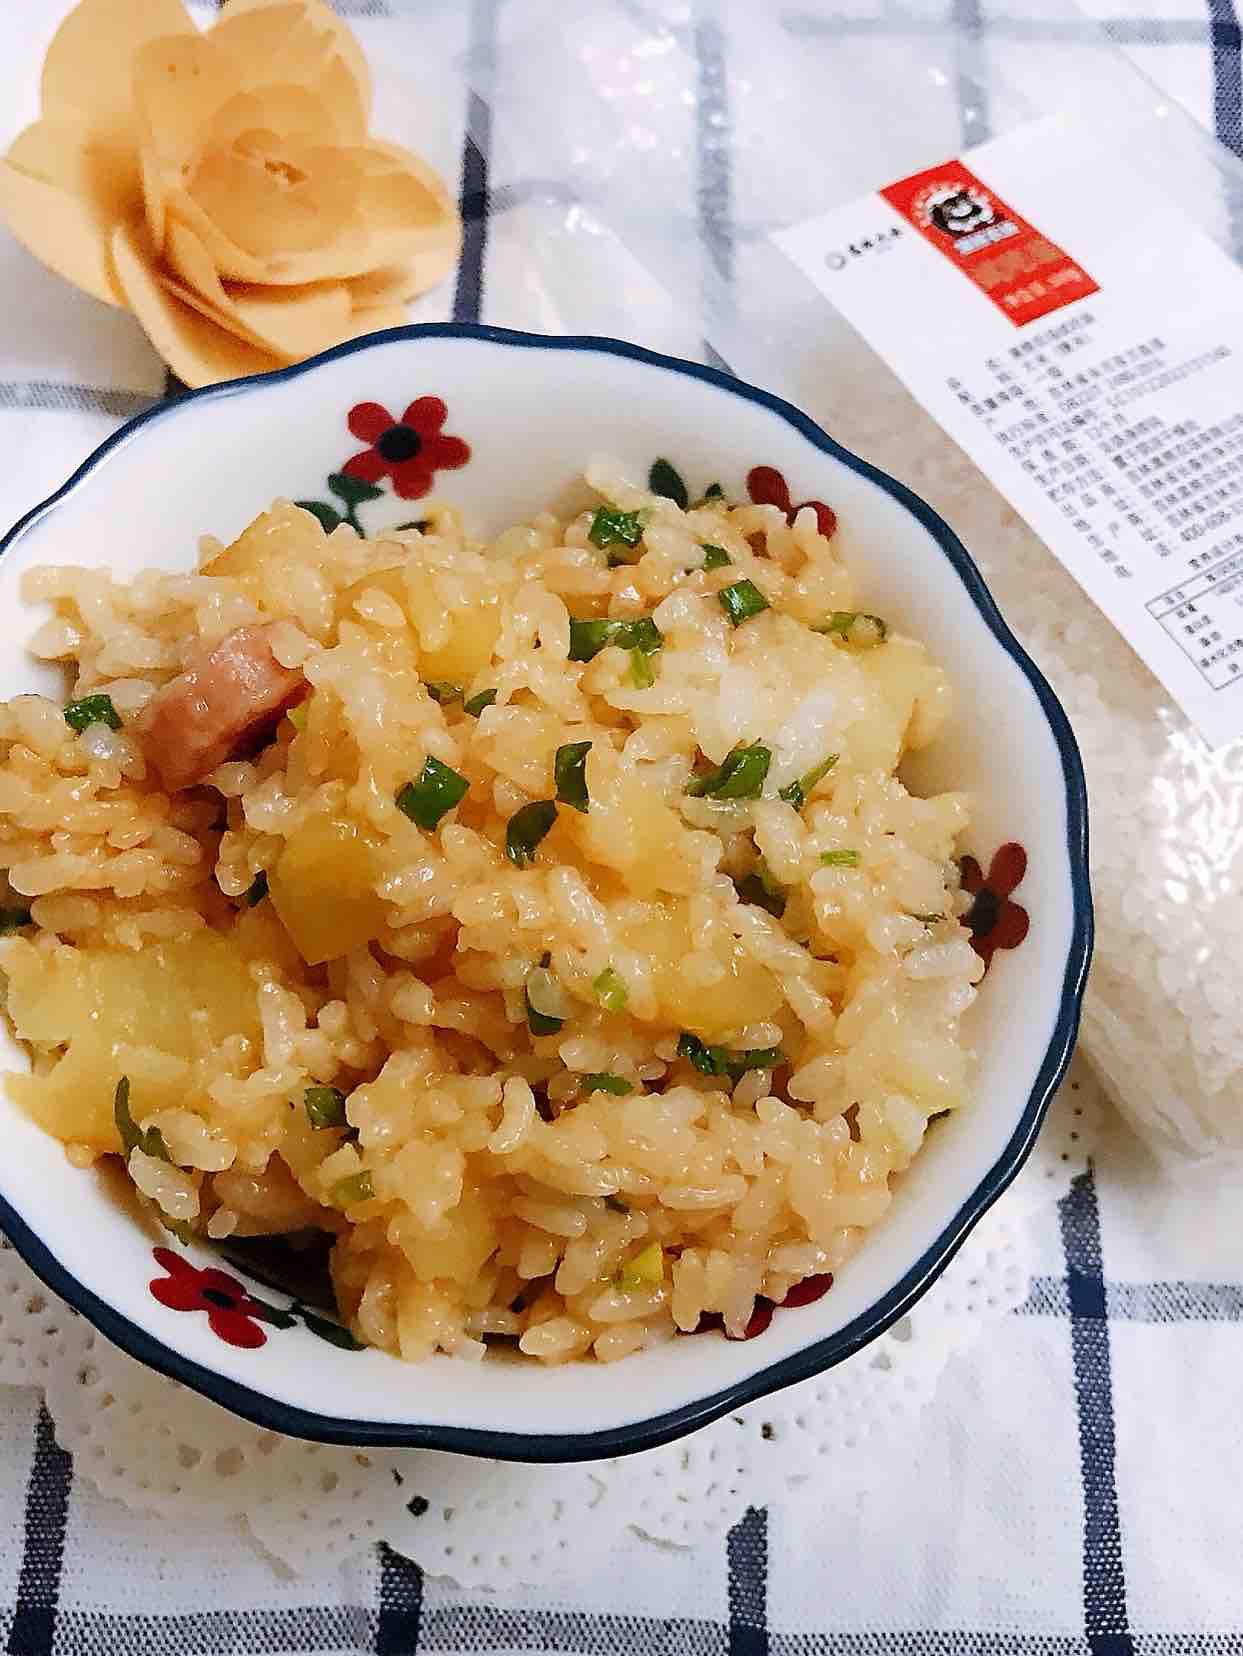 快手版土豆腊肠焖饭